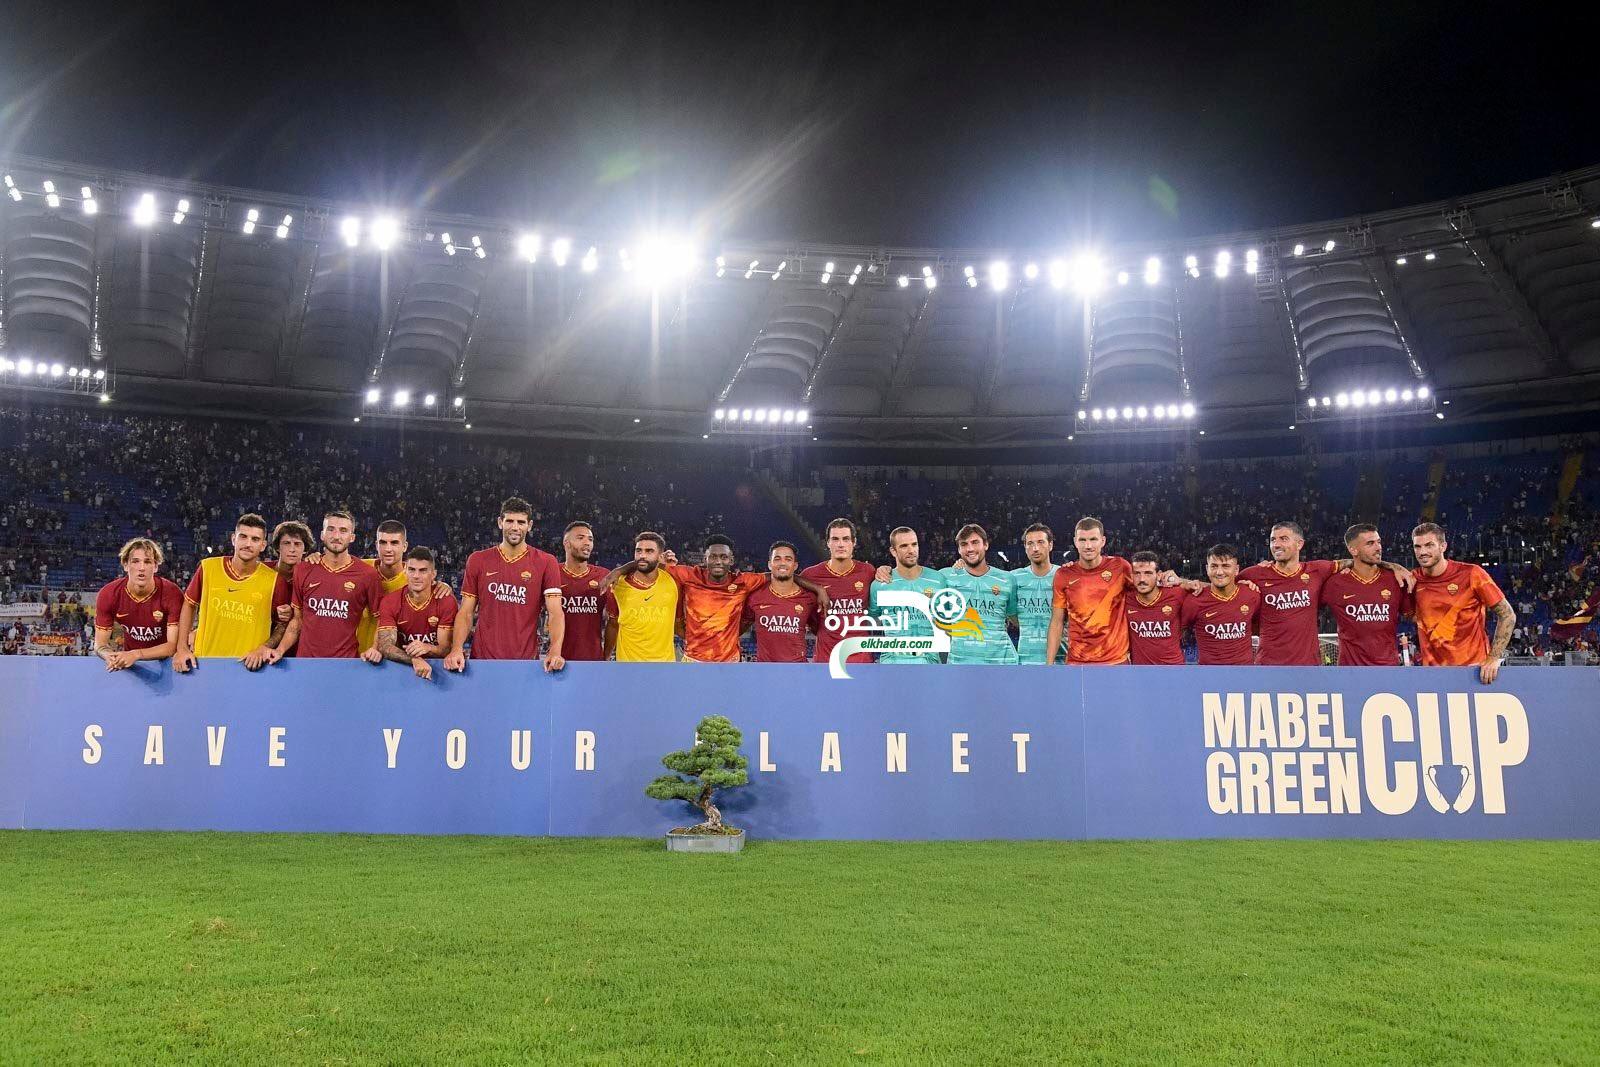 تتويج روما بكأس مابيل غرين بعد الفوز على ريال مدريد بركلات الترجيح 17